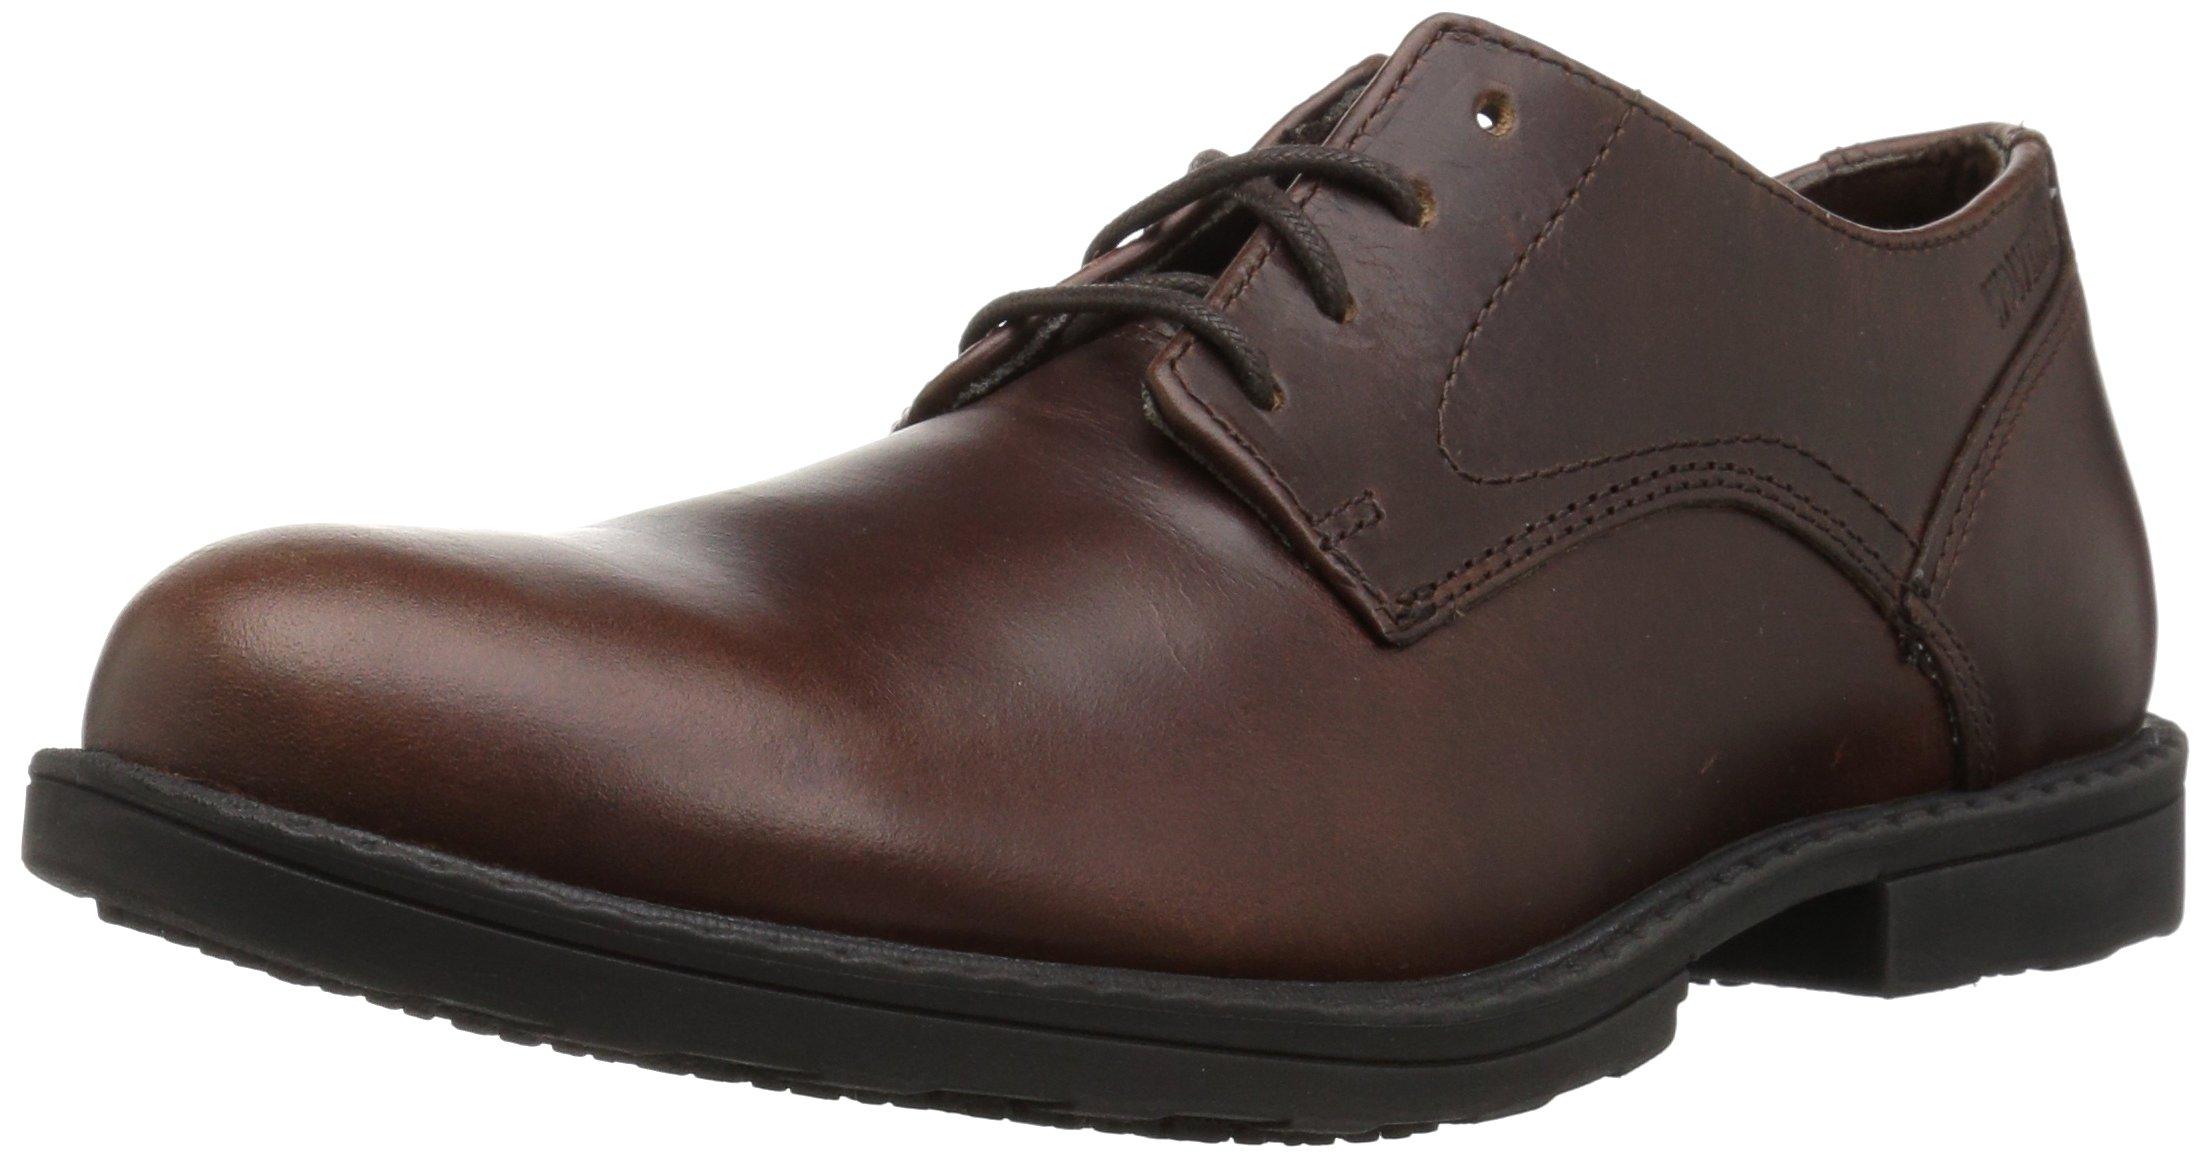 Wolverine Men's Bedford Soft-Toe Oxford SR Food Service Shoe, Brown, 8.5 M US